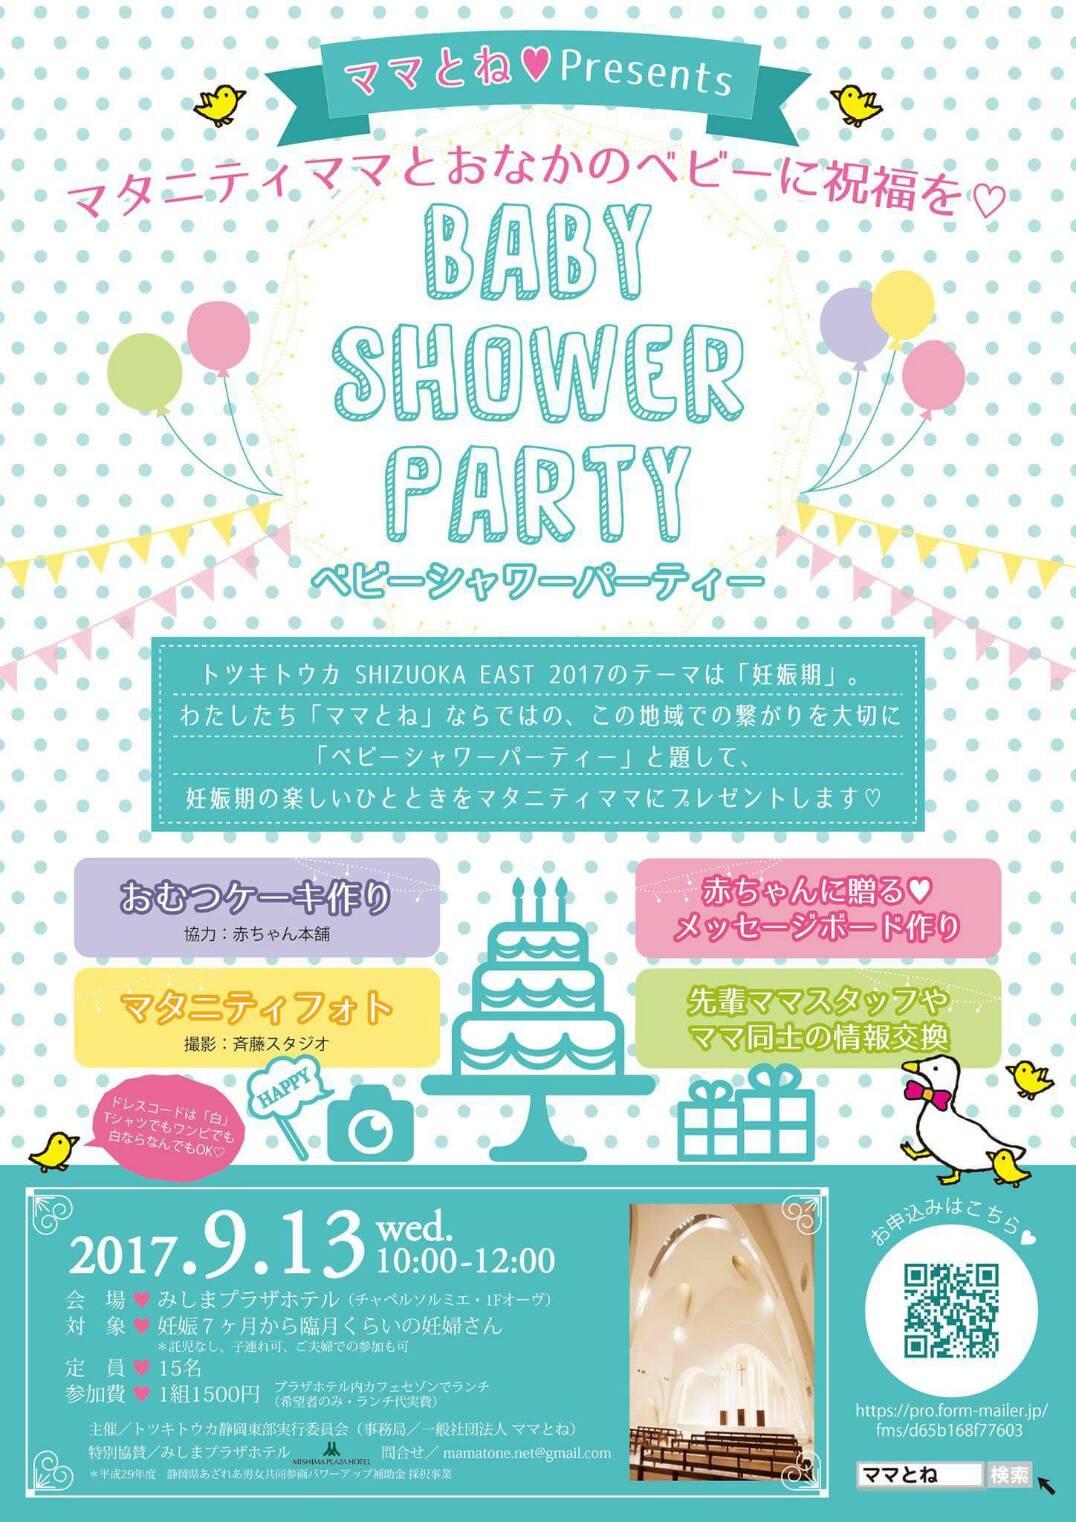 【残1席】ママとねプレゼンツ♡ ベビーシャワー パーティー!!